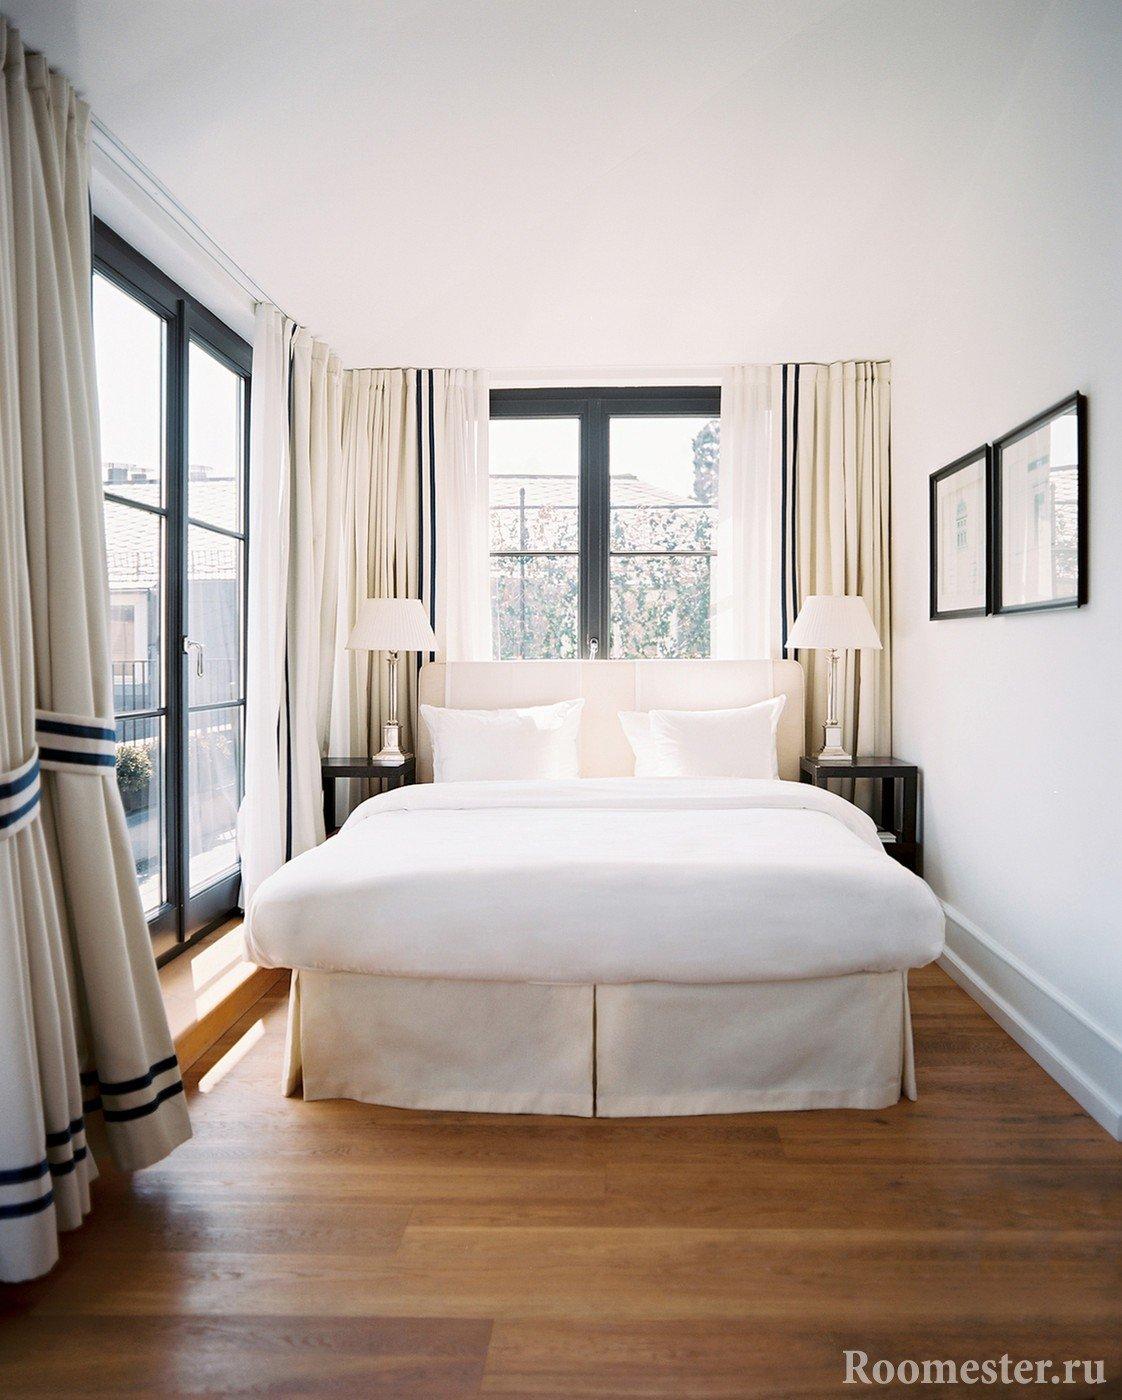 Окна от пола до потолка в спальной комнате